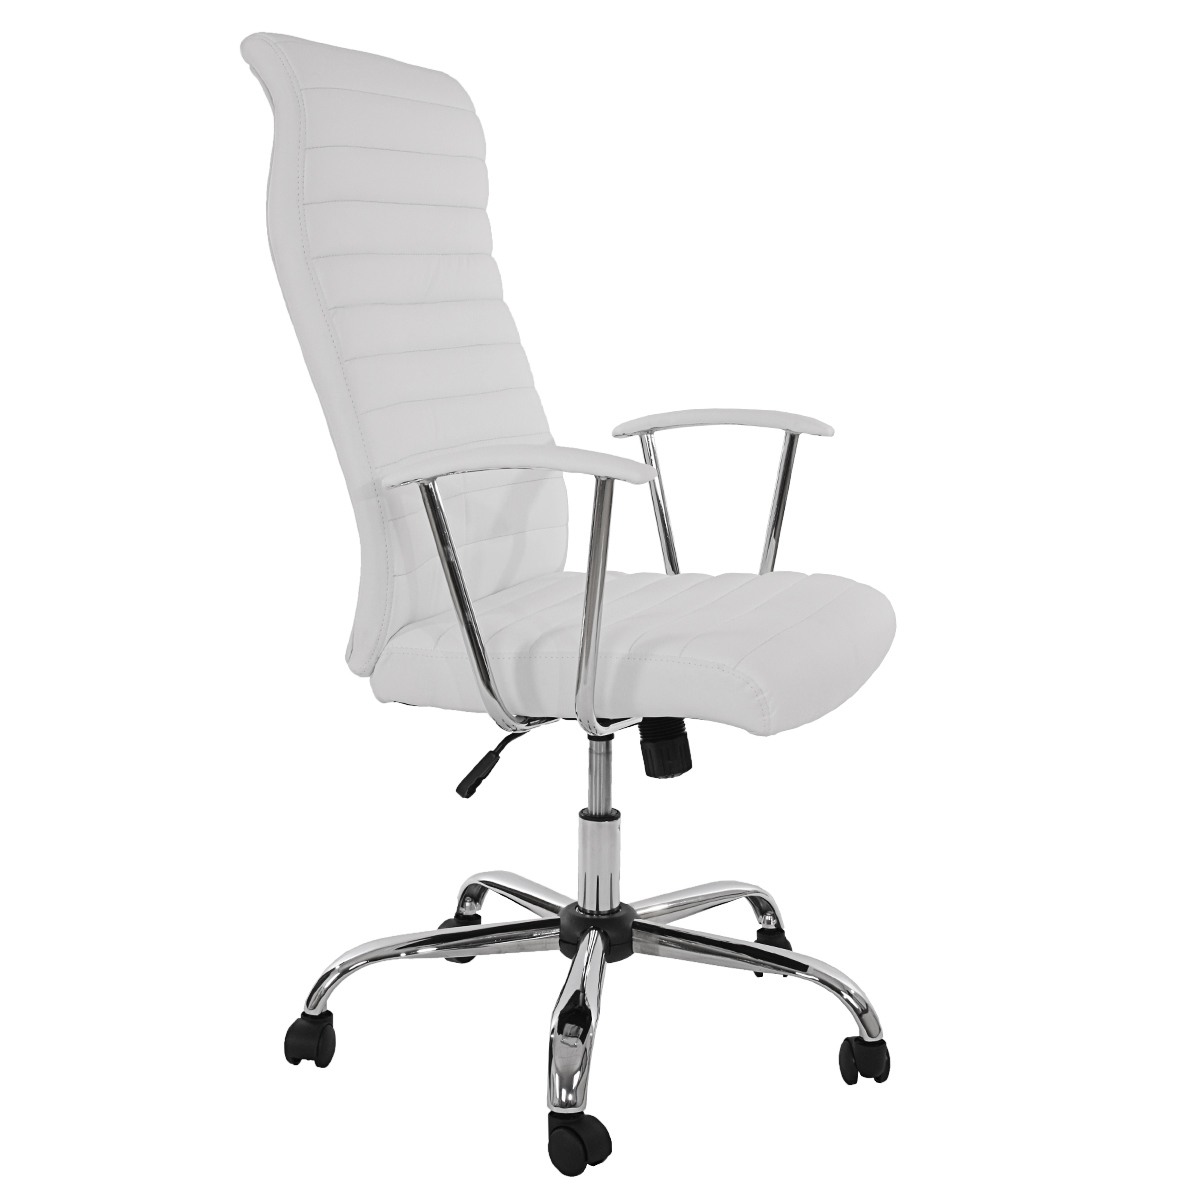 Ergonomischer bürostuhl preise  Bürostuhl Drehstuhl Chefsessel Cagliari, ergonomische Form ~ weiss ...